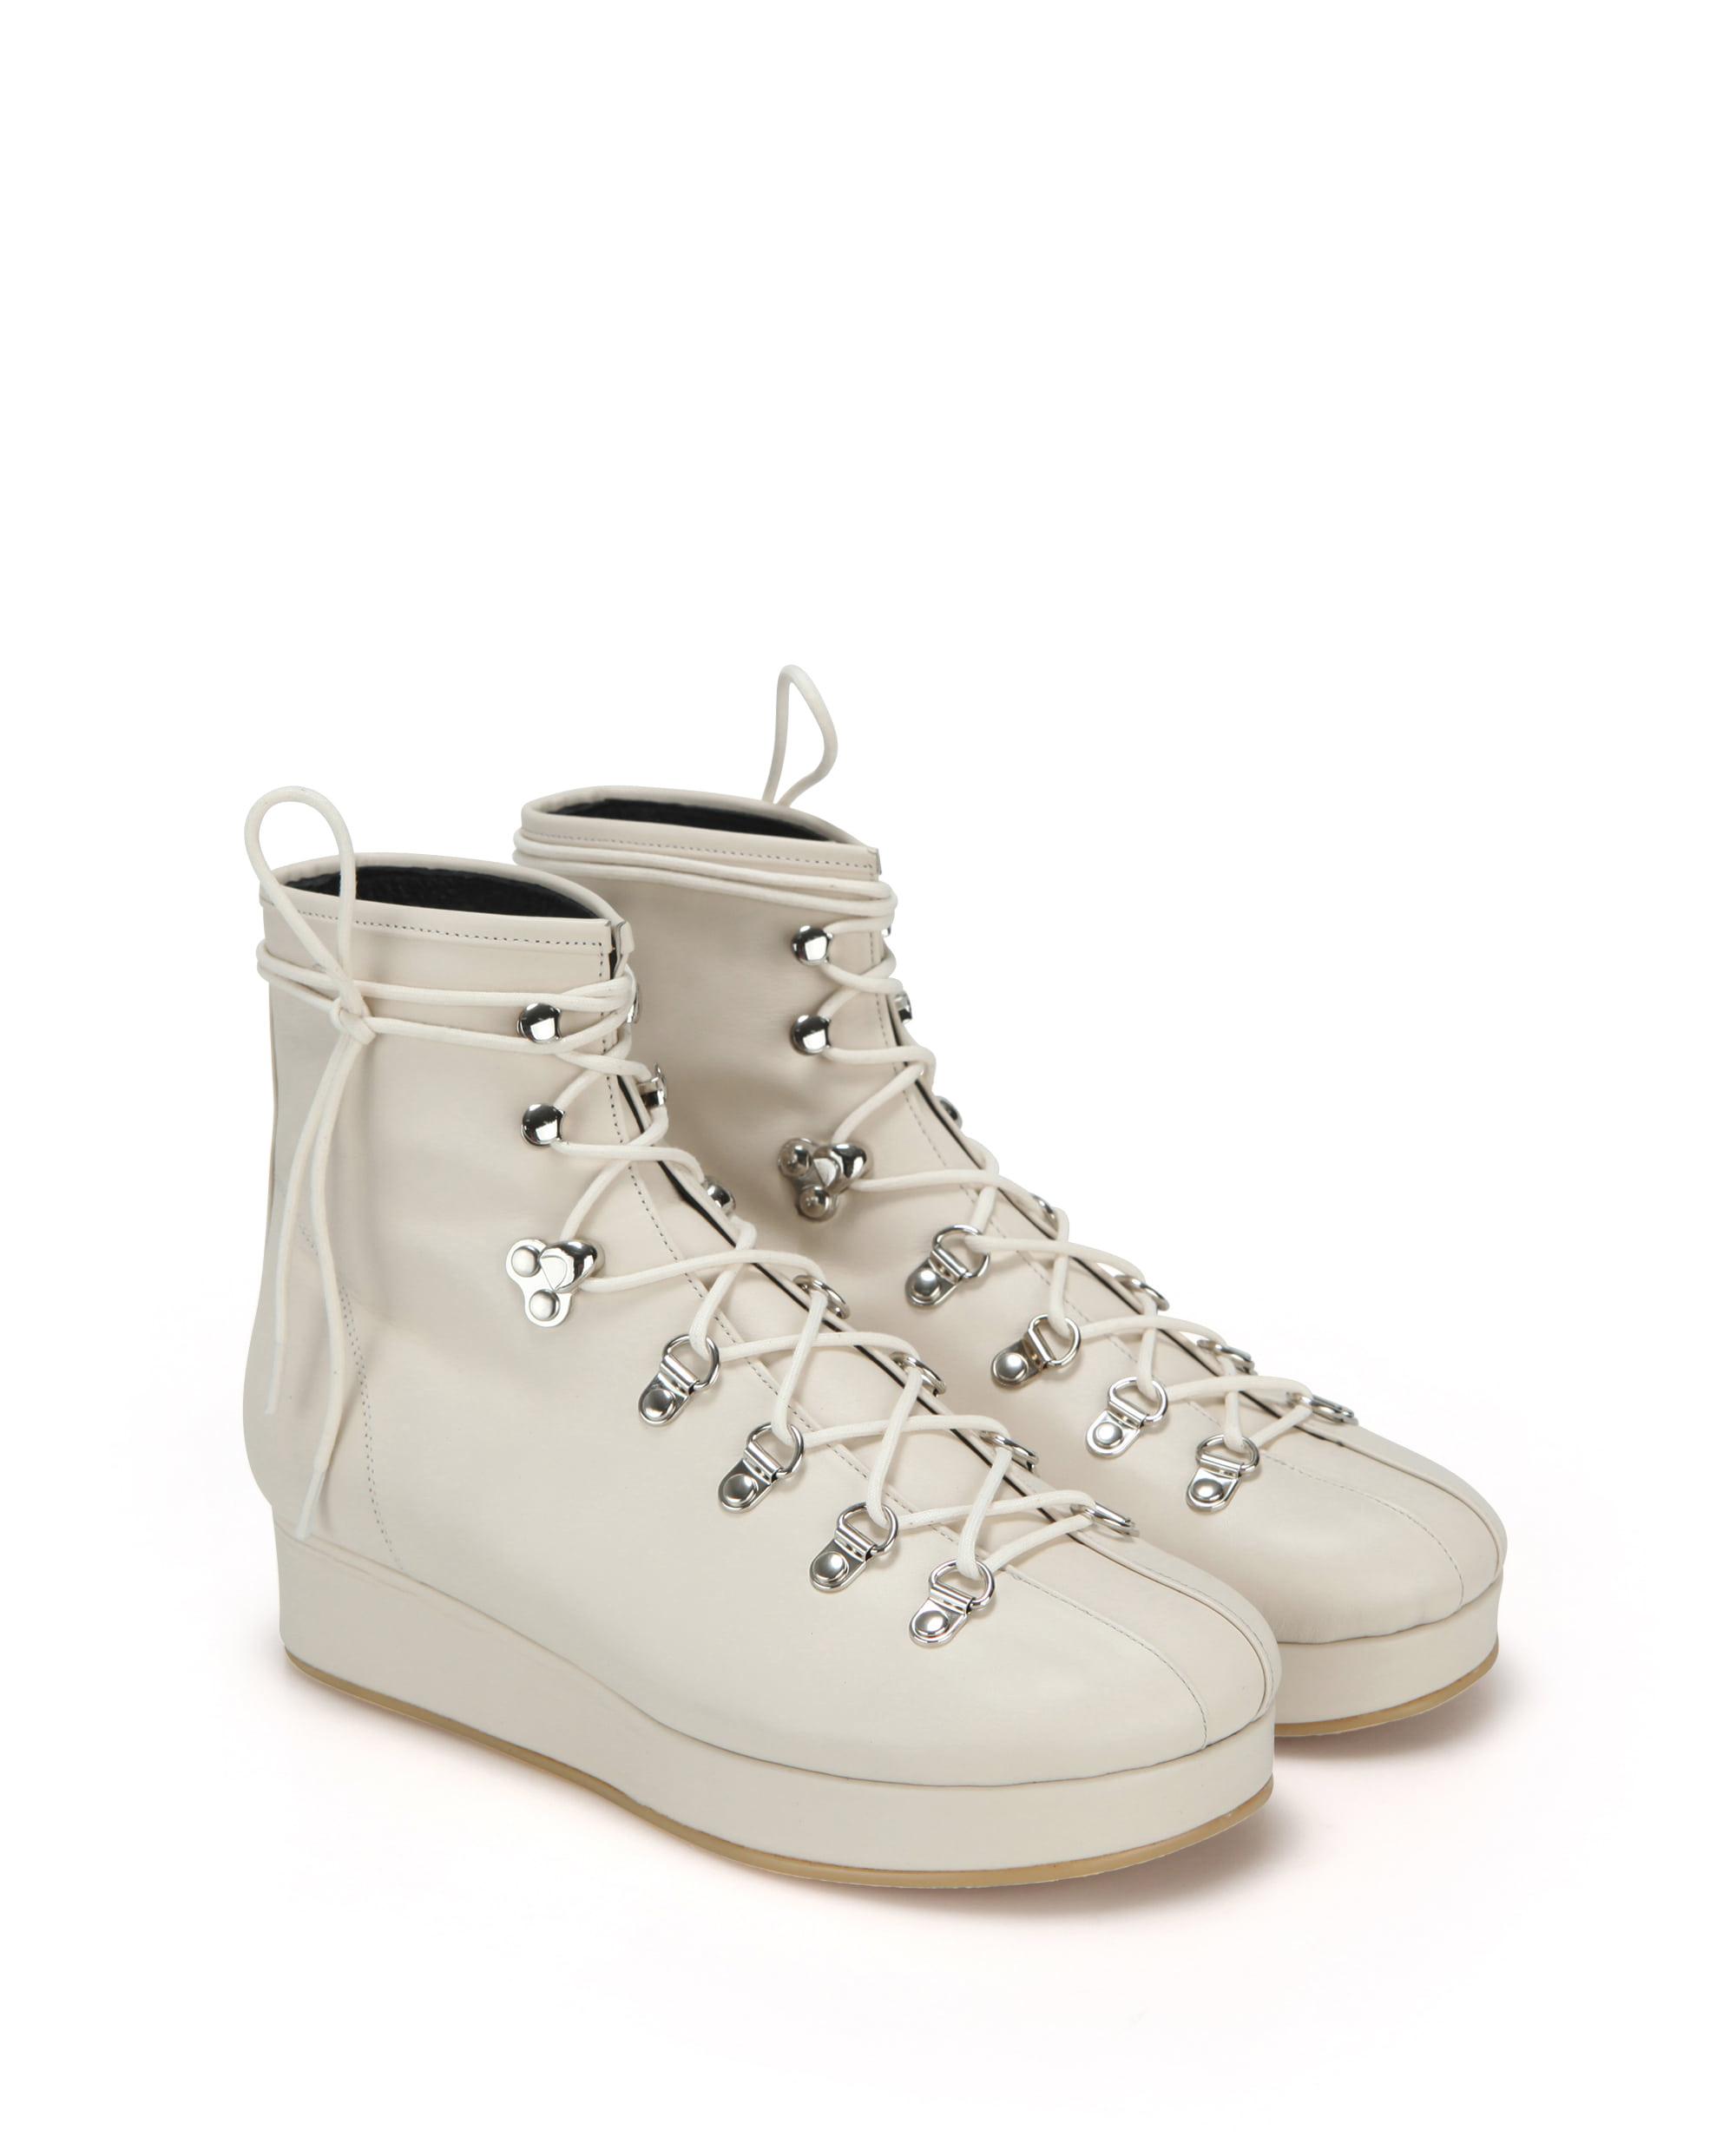 플랫아파트먼트, 플랫, 플랫슈즈, 슈즈, 신발, 구두, 하이킹부츠, 부츠, 앵클부츠, flatapartment, flat apartment, flats, flat shoes, lace up shoes, lace up platforms, platforms, hiking boots, boots, shoes, Seoul fashion, k fashion, flat apartment shoes